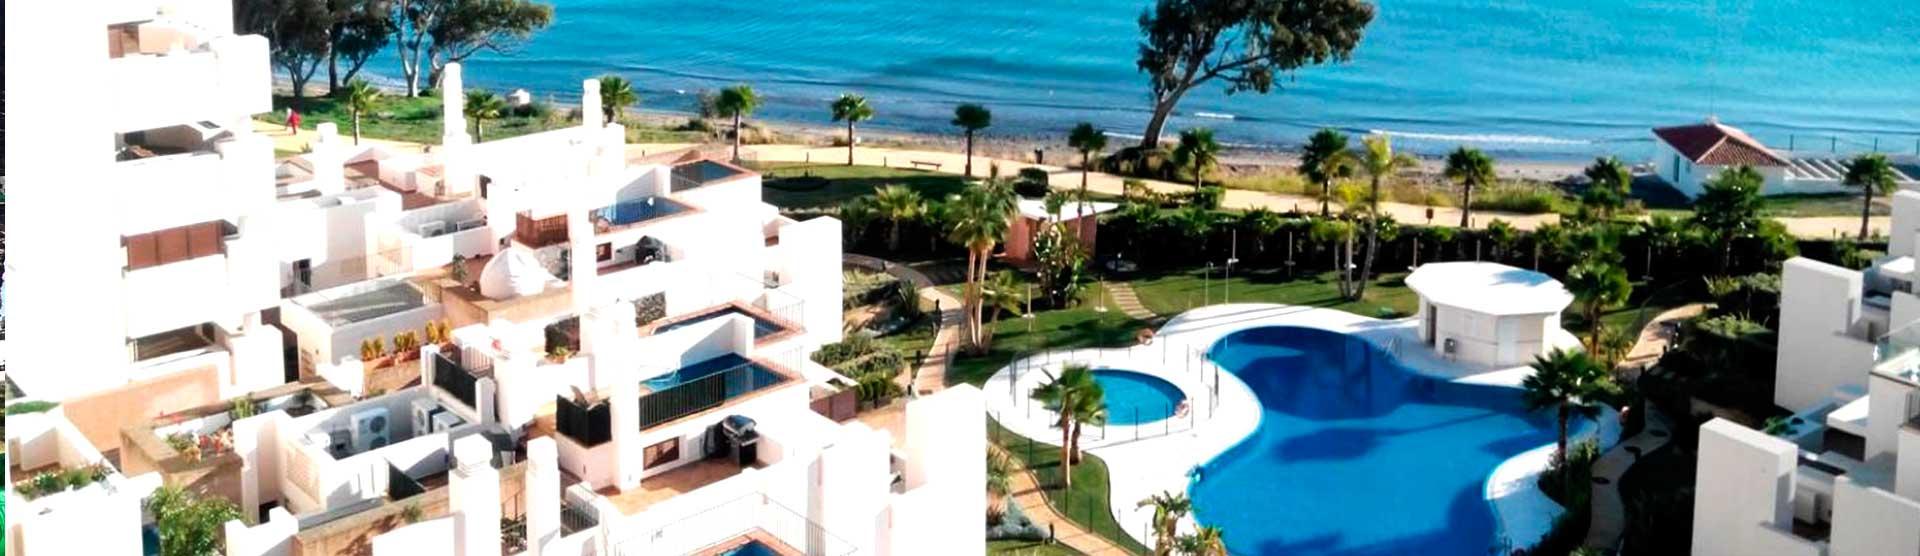 Apartamentos vacaciones en Malaga